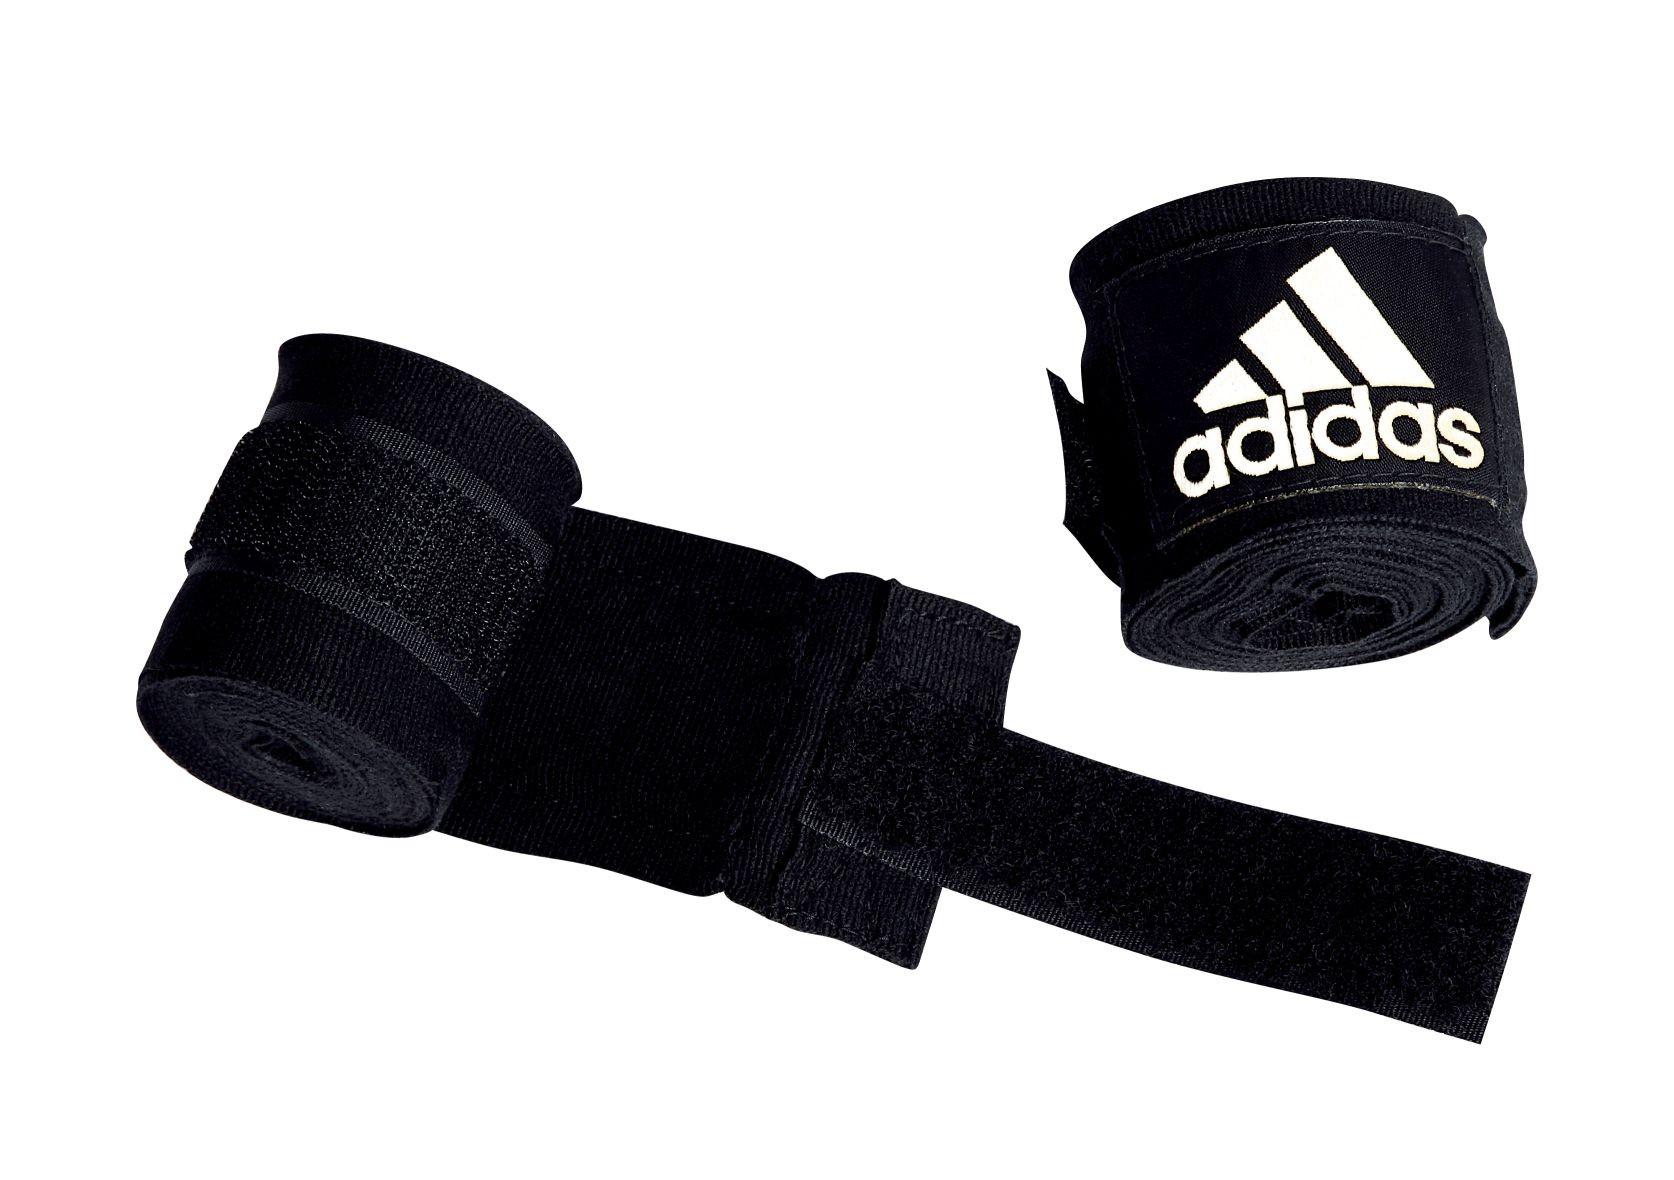 Adidas Boxing Bandage